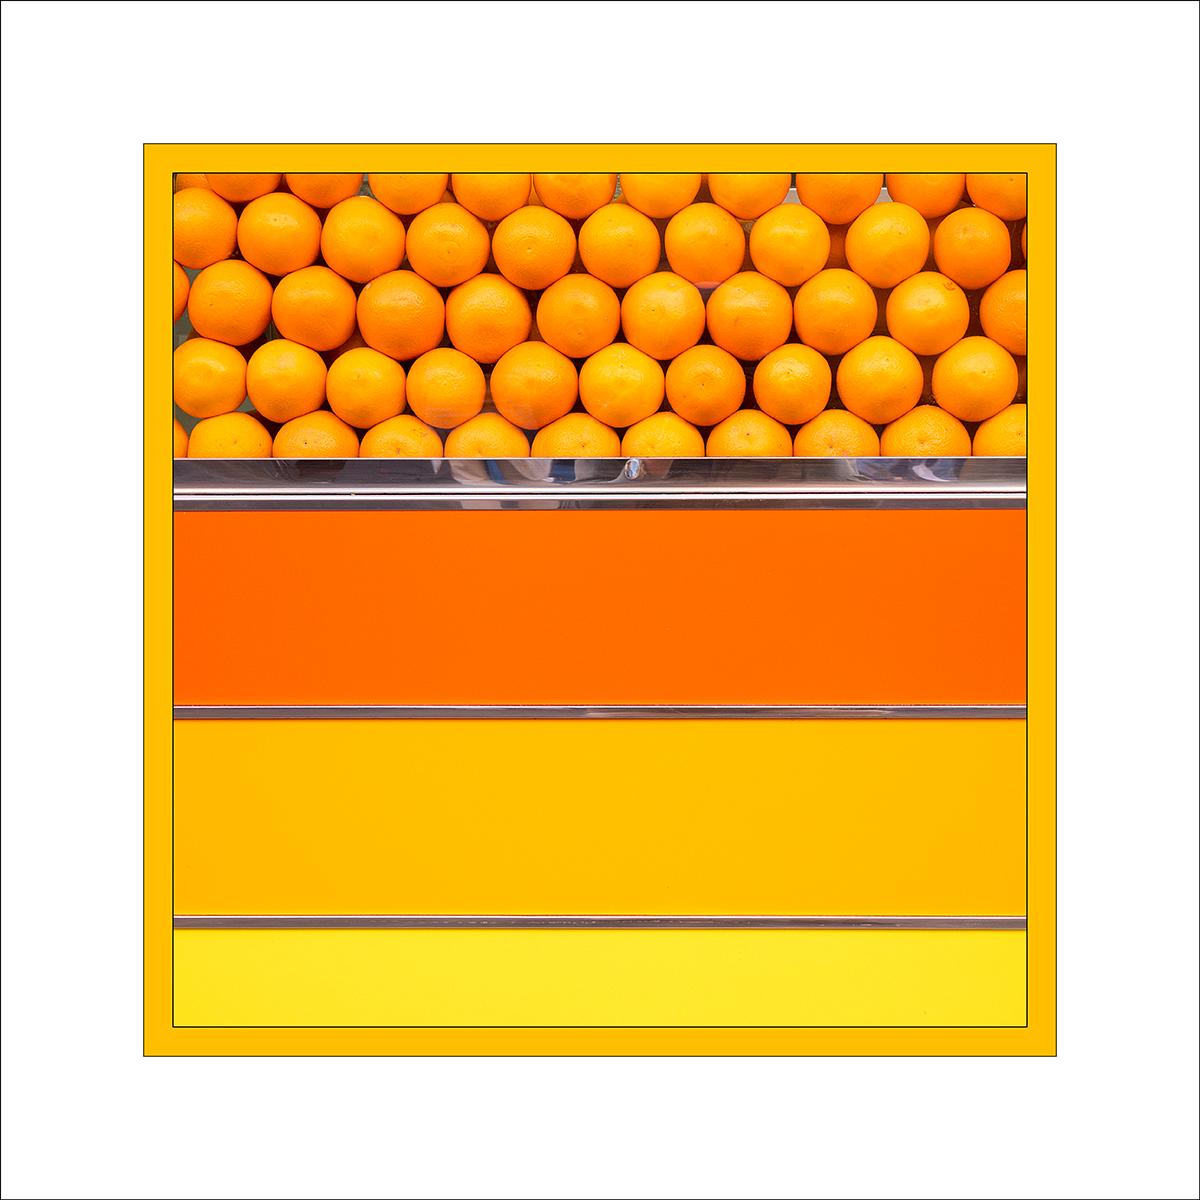 Orange.10062 by jotloob in jotloob